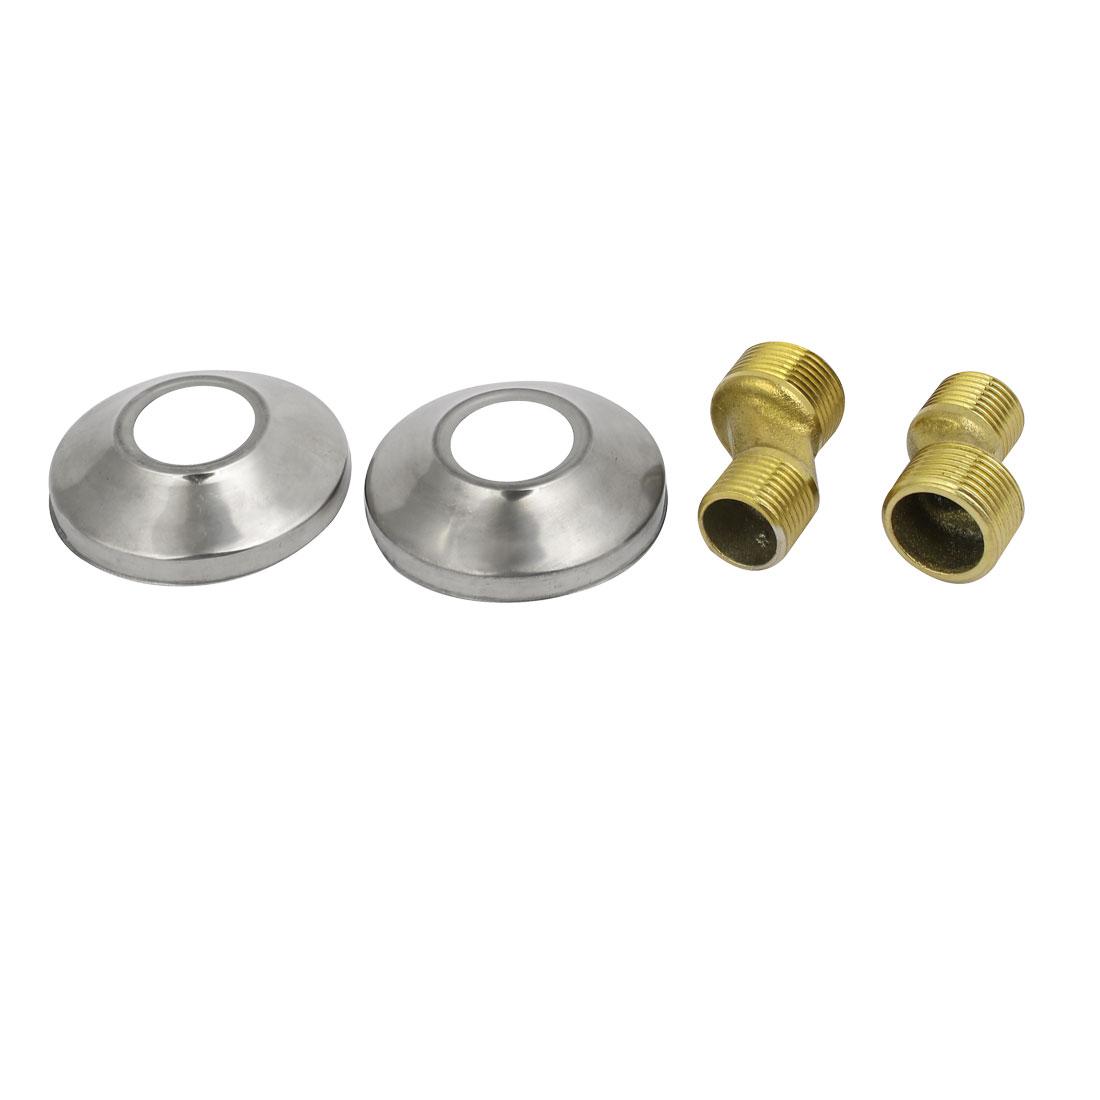 3/4BSP to 1/2BSP Male Thread Faucet Adapter 65mm Dia Round Decorative Cap 2pcs